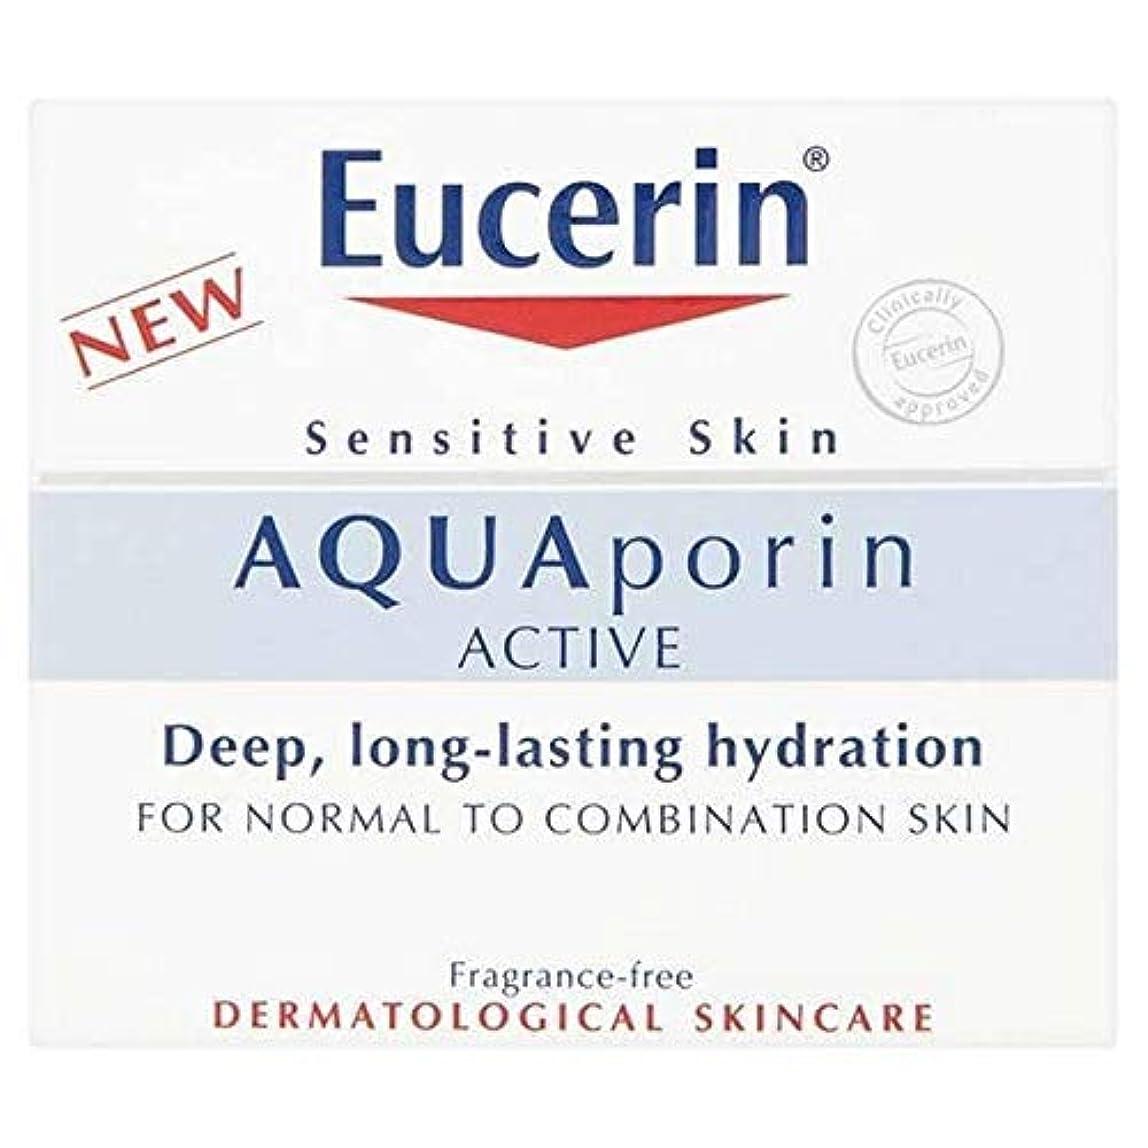 ステートメント洗練されたバング[Eucerin ] ノーマル/櫛皮膚50ミリリットルのためのユーセリンアクアポリンアクティブ水和 - Eucerin Aquaporin Active Hydration for Normal/Comb Skin 50ml...